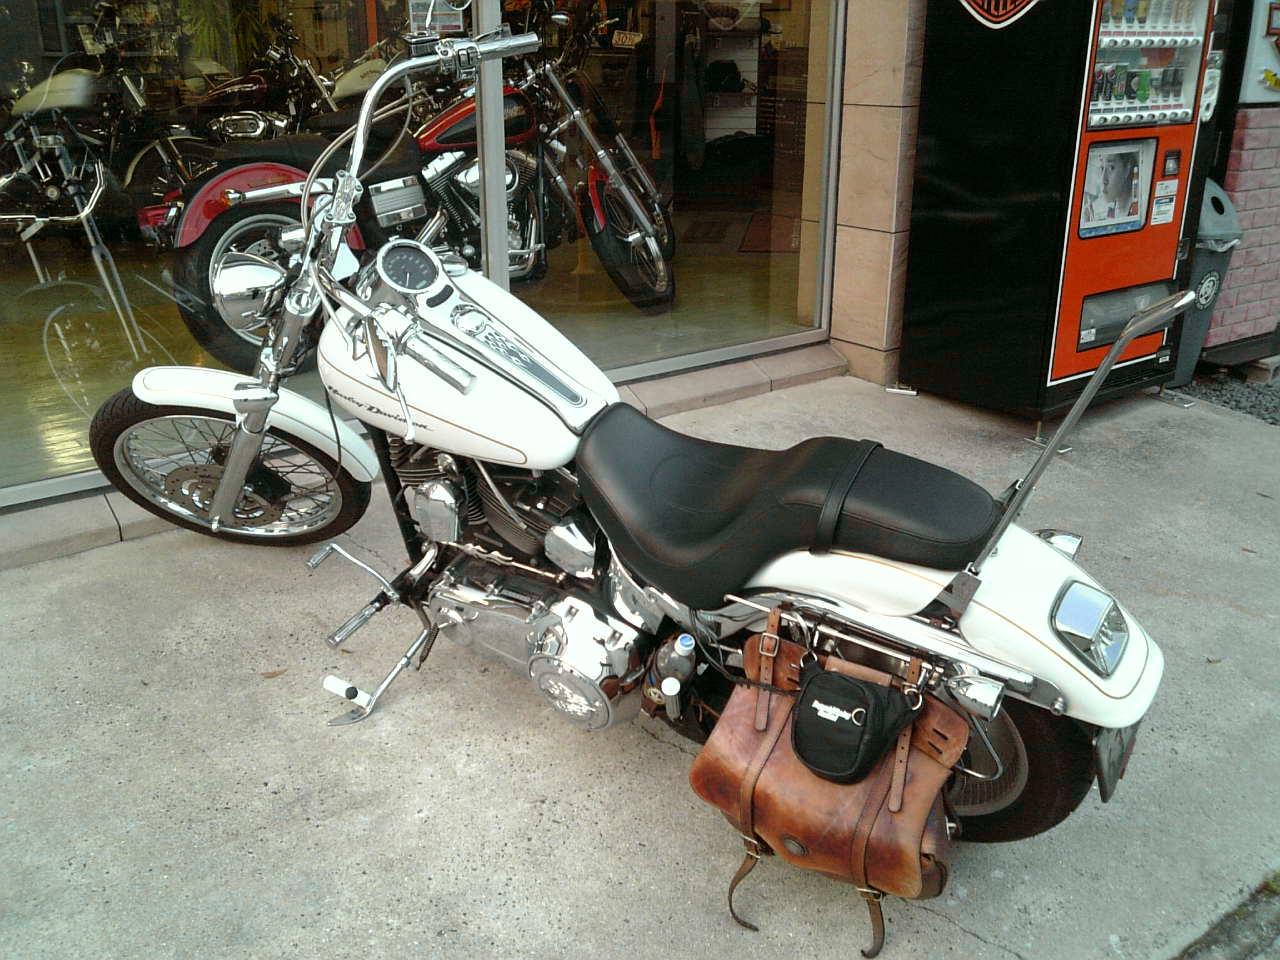 R氏は、アメリカン・バイクは頭悪そうに見えるという。まあ正解だ。 しかしやってる方も多分それを目ざしてんだからいいのではないだろうか。